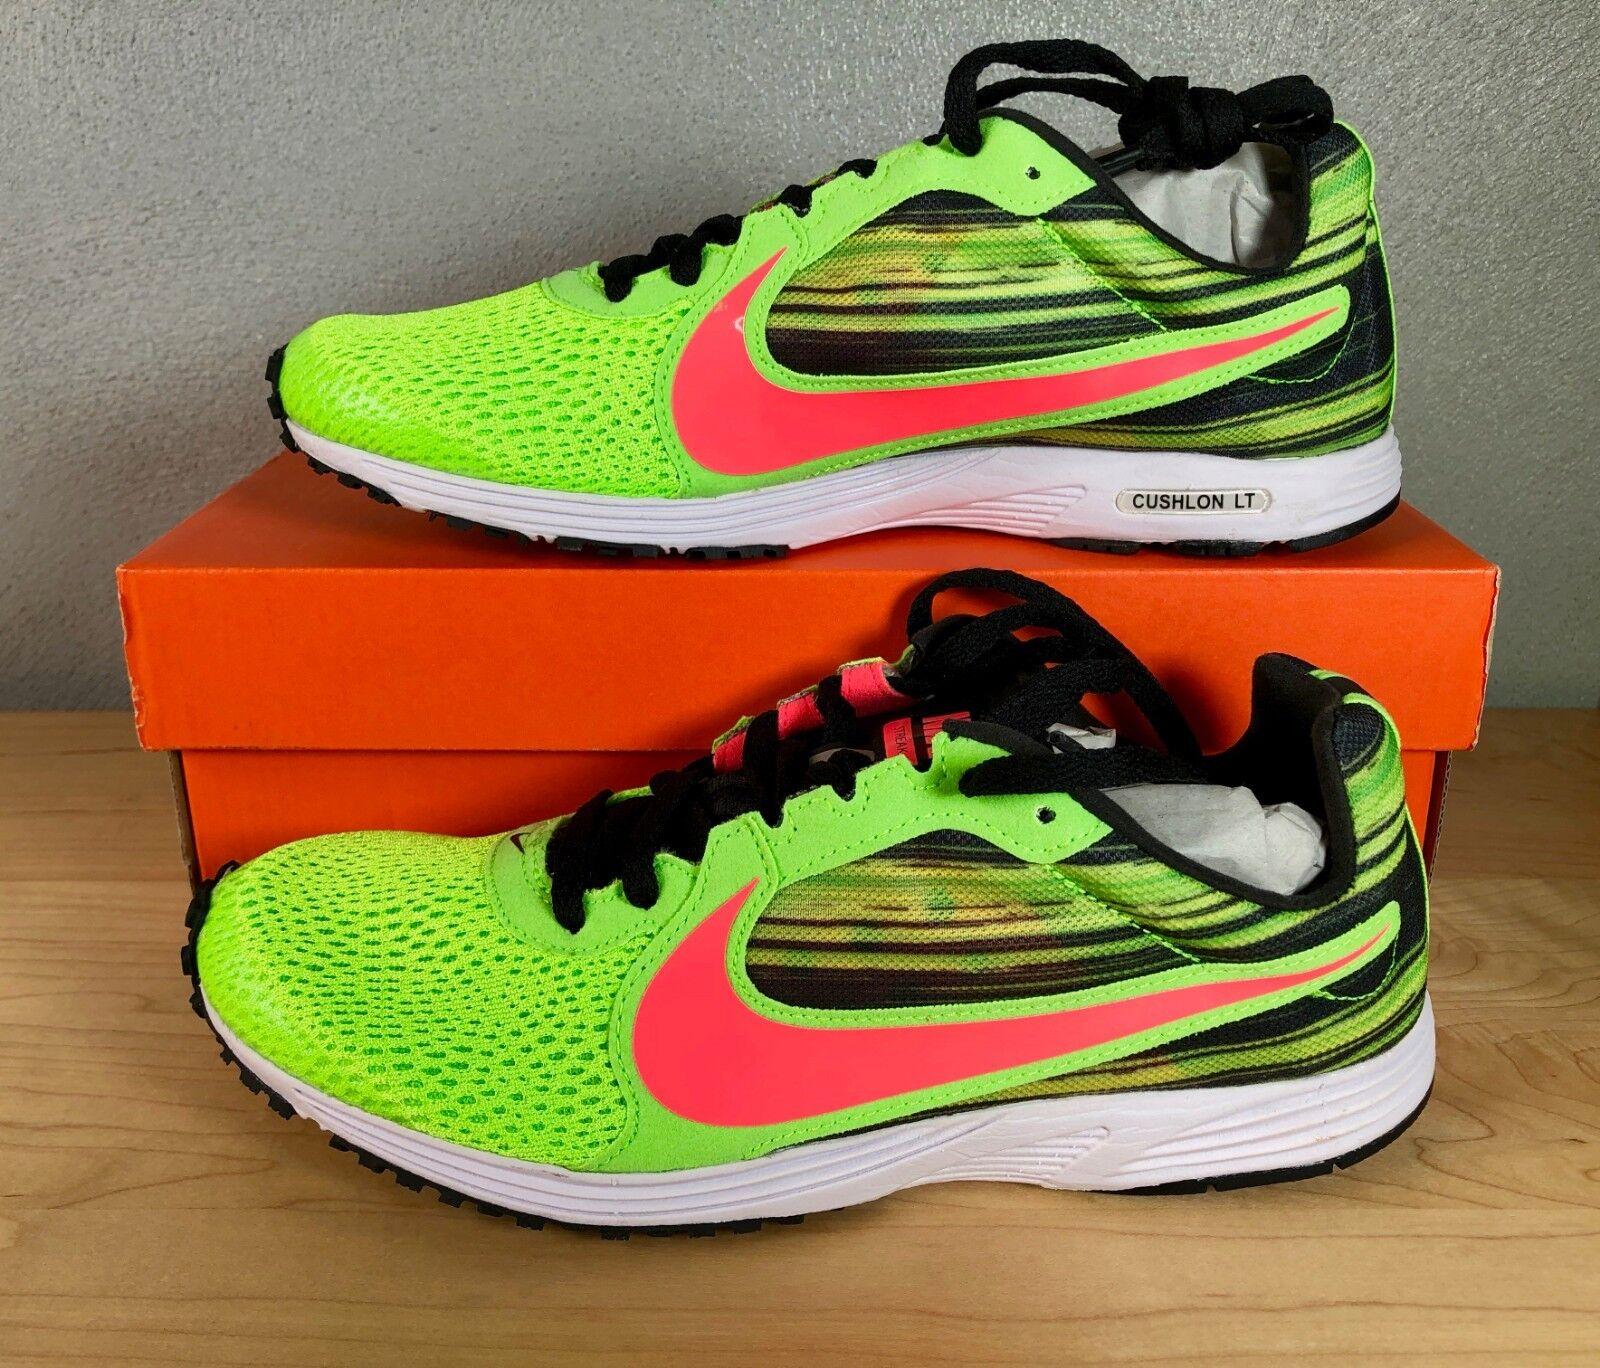 NEW Nike Zoom Streak LT 2 - Volt Punch Black Running Cross Training Unisex Sizes